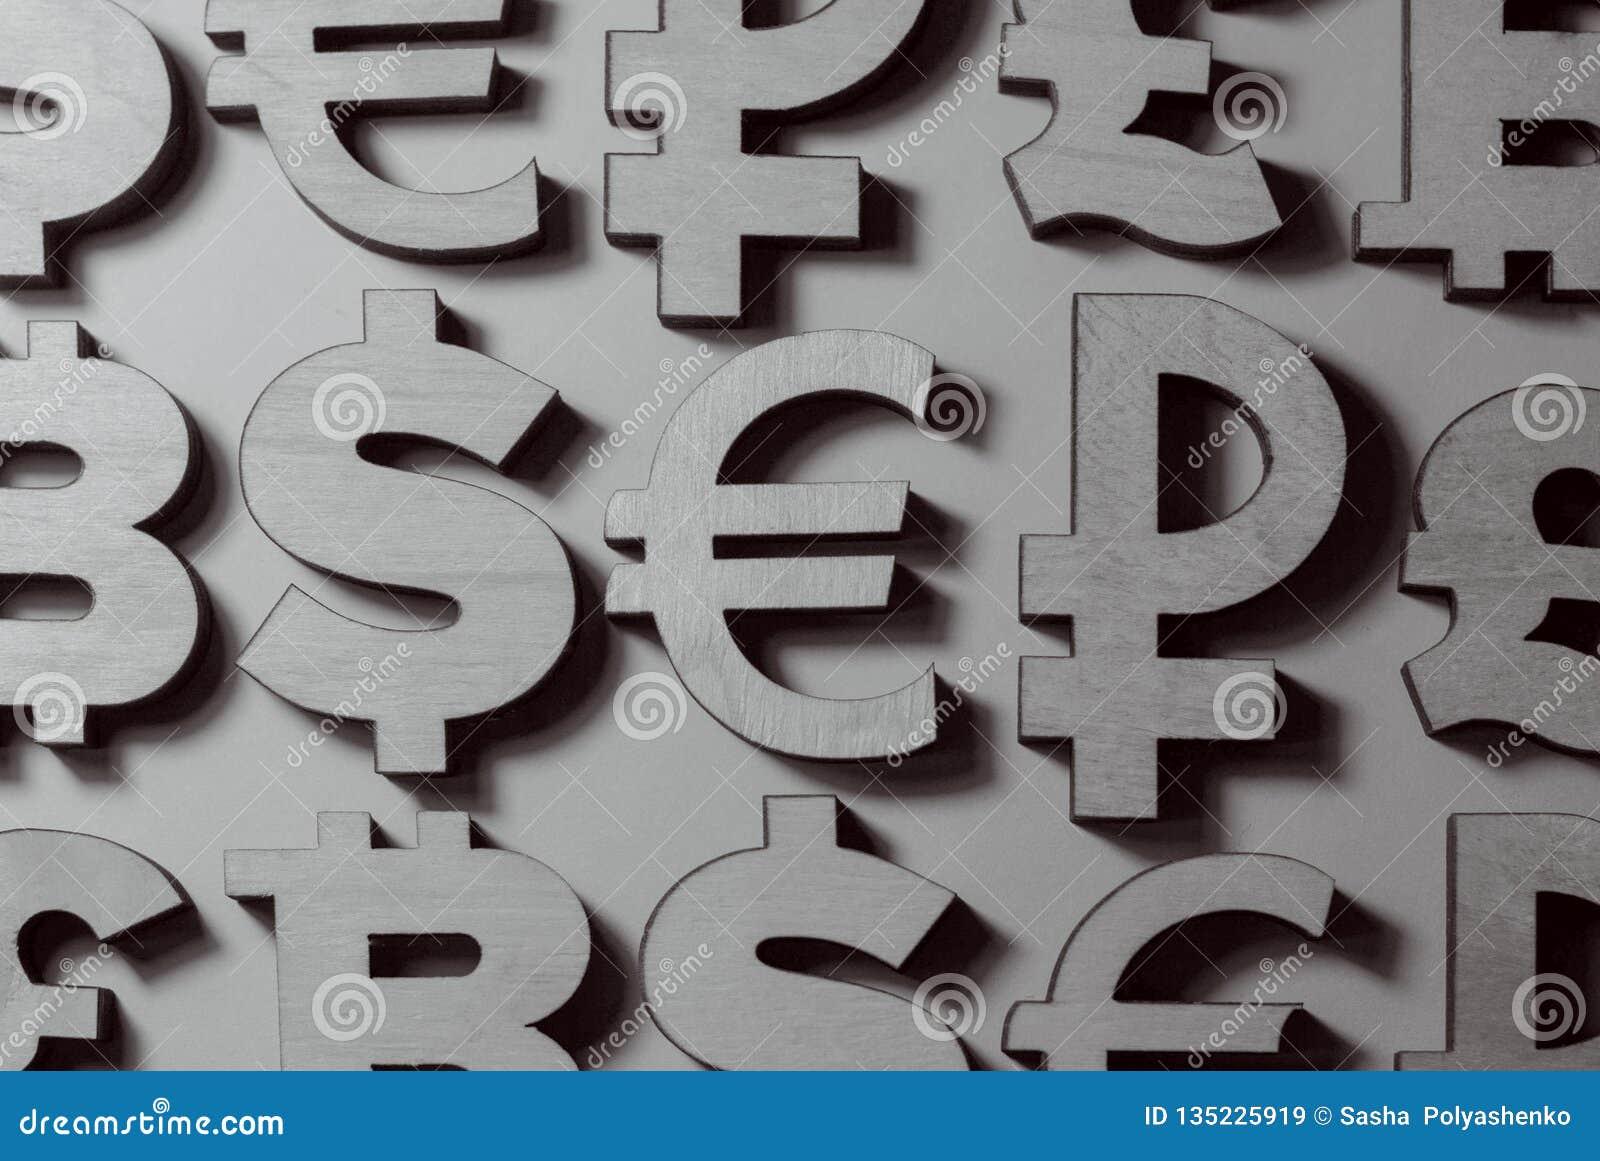 Simboli di soldi e di valute